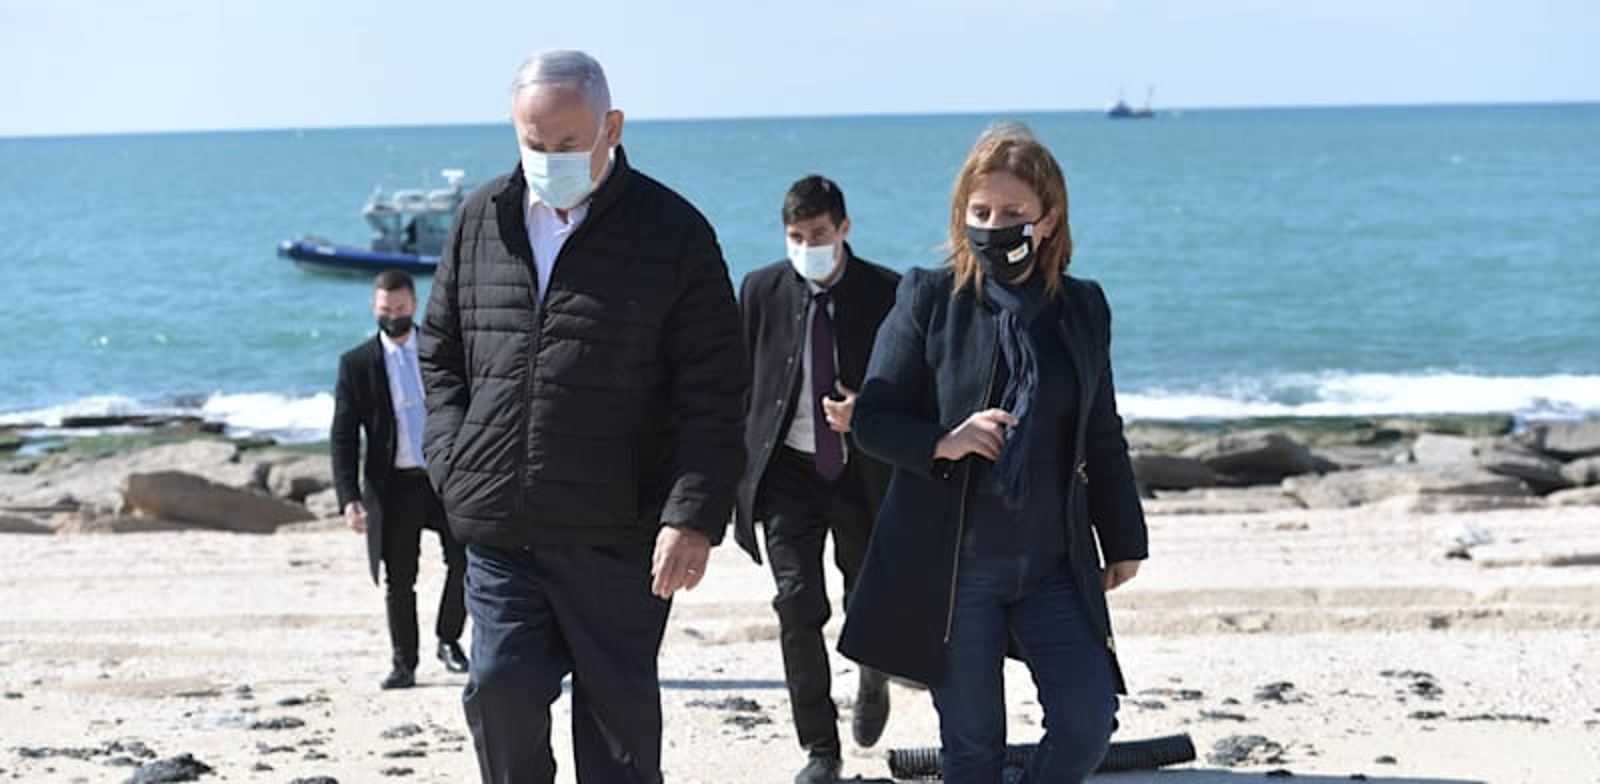 """רה""""מ בנימין נתניהו והשרה להגנת הסביבה גילה גמליאל בחוף ים באשדוד בעקבות אסון הזפת / צילום: קובי גדעון-לע""""מ"""